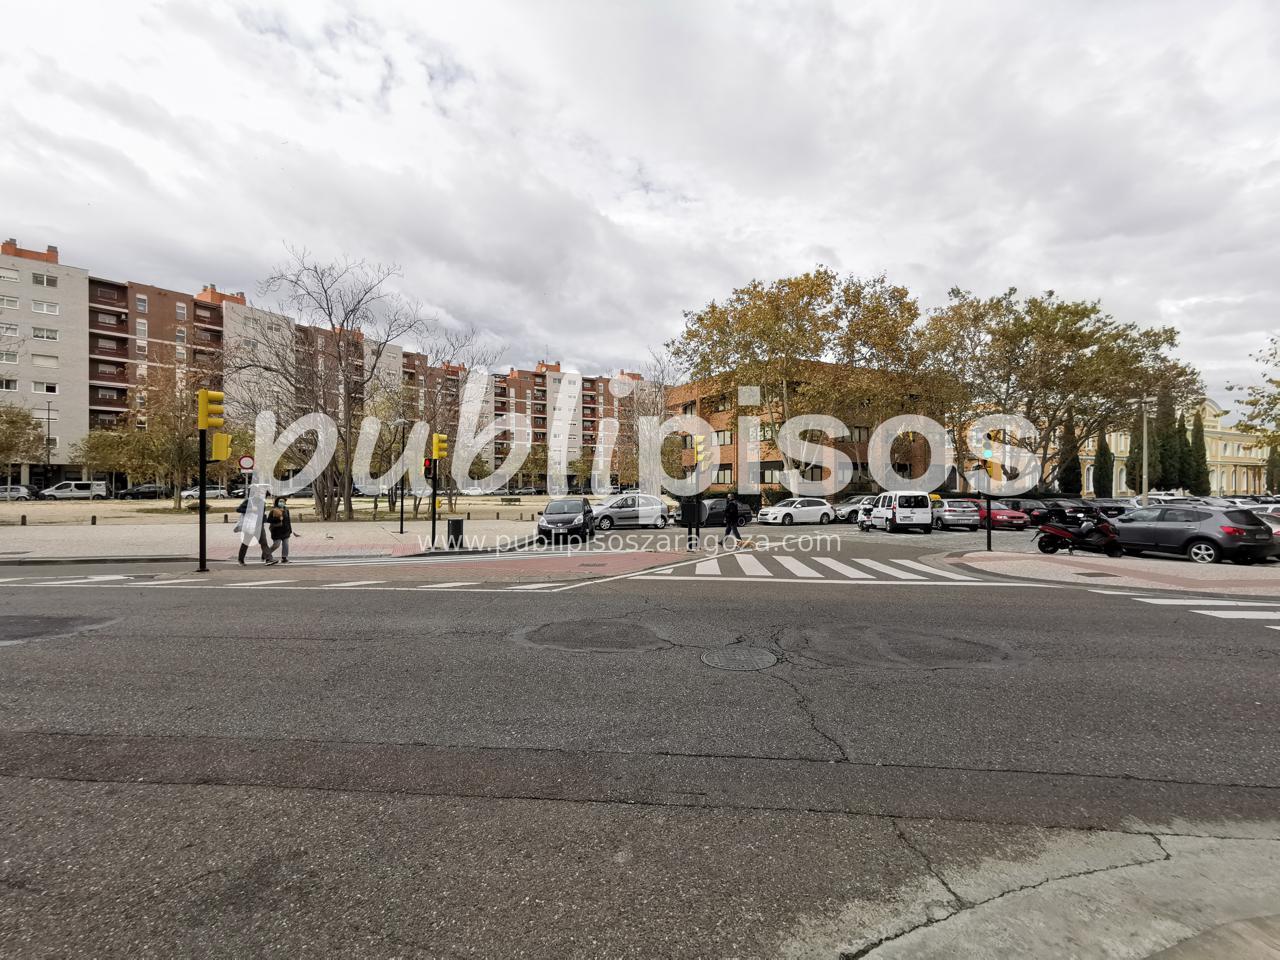 Venta de piso en calle Estación Arrabal-1